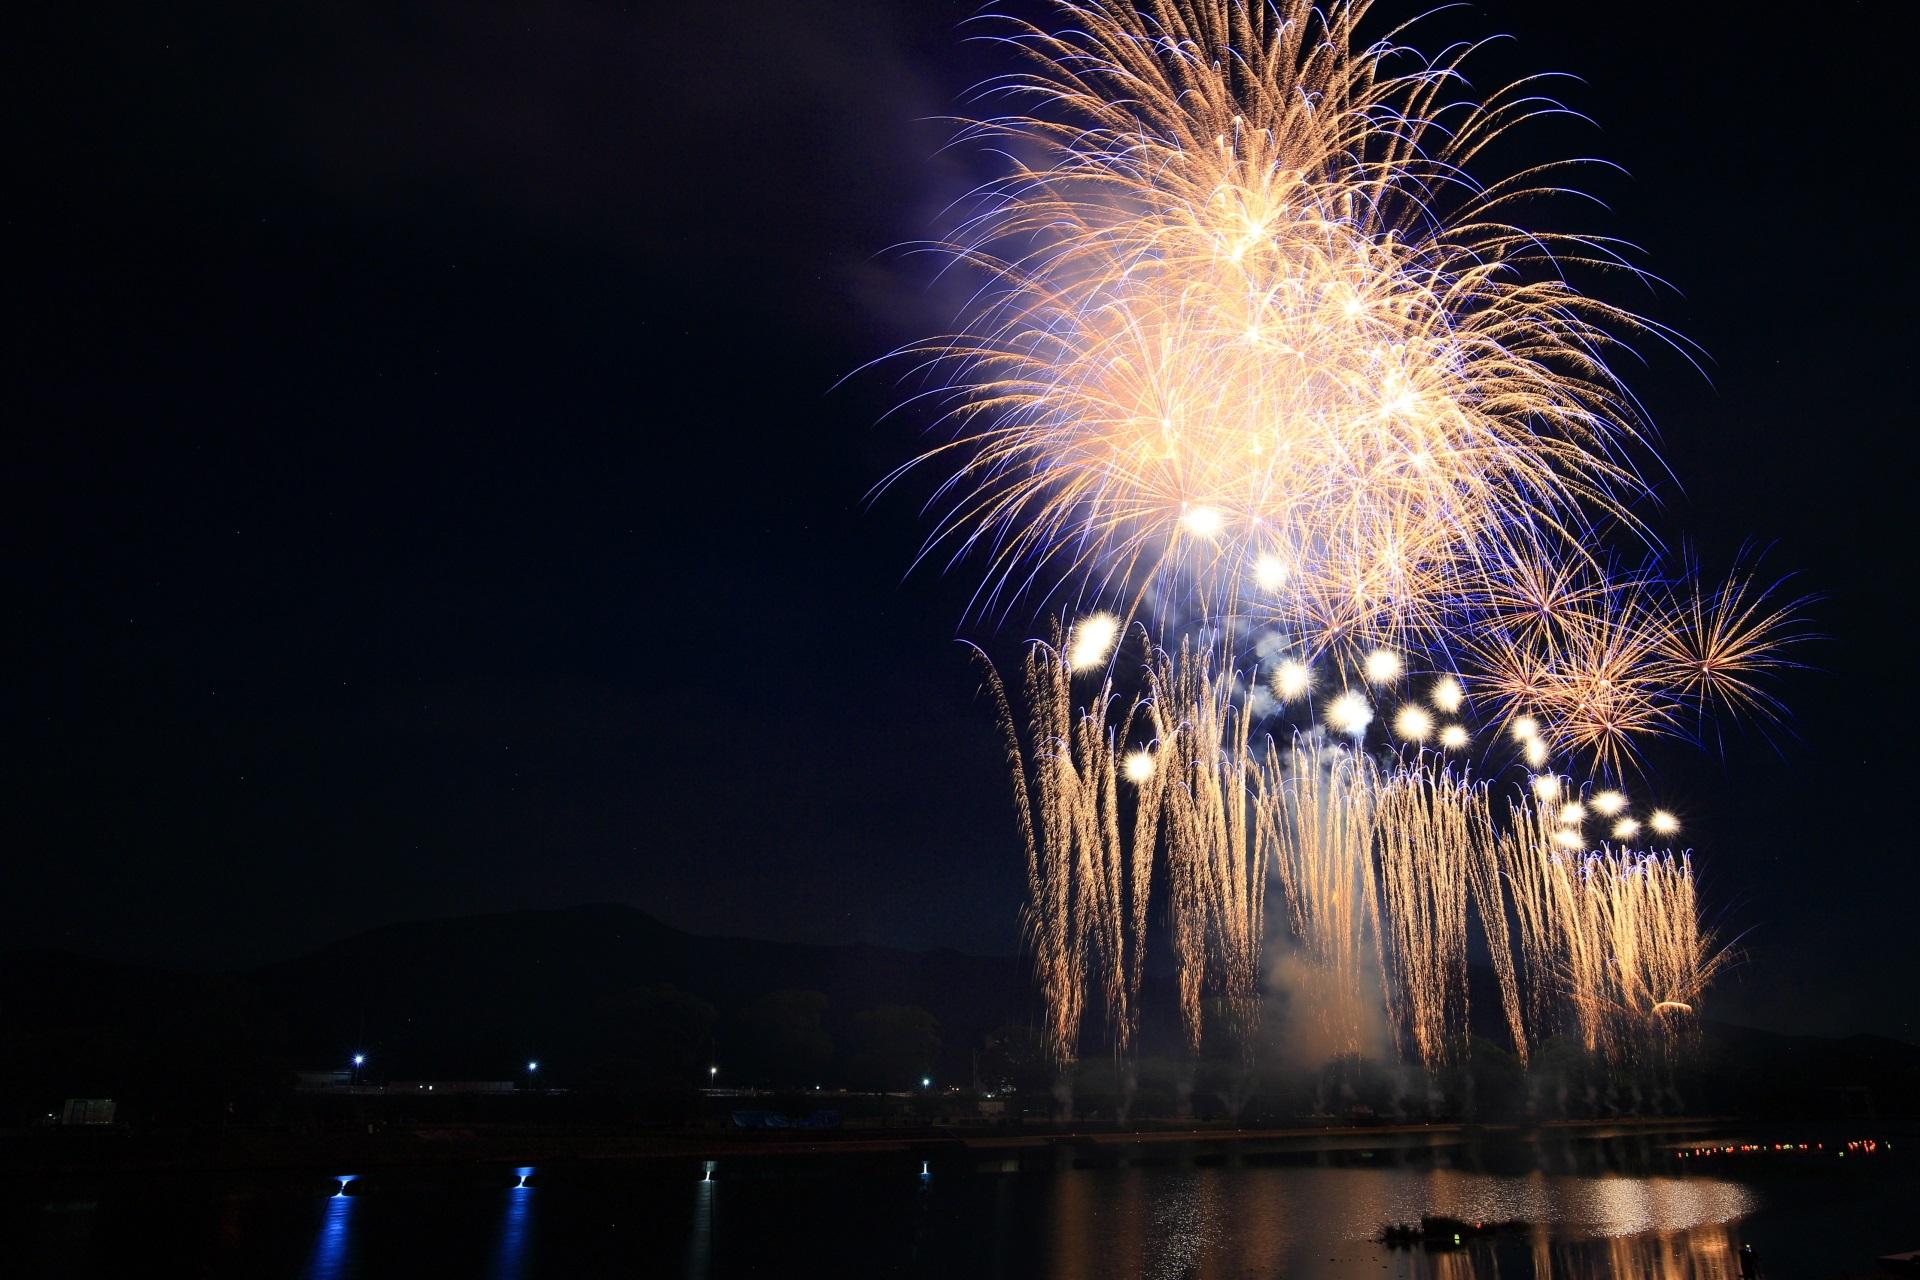 19:30に開始され花火がドンドン打ち上がる南丹市花火大会